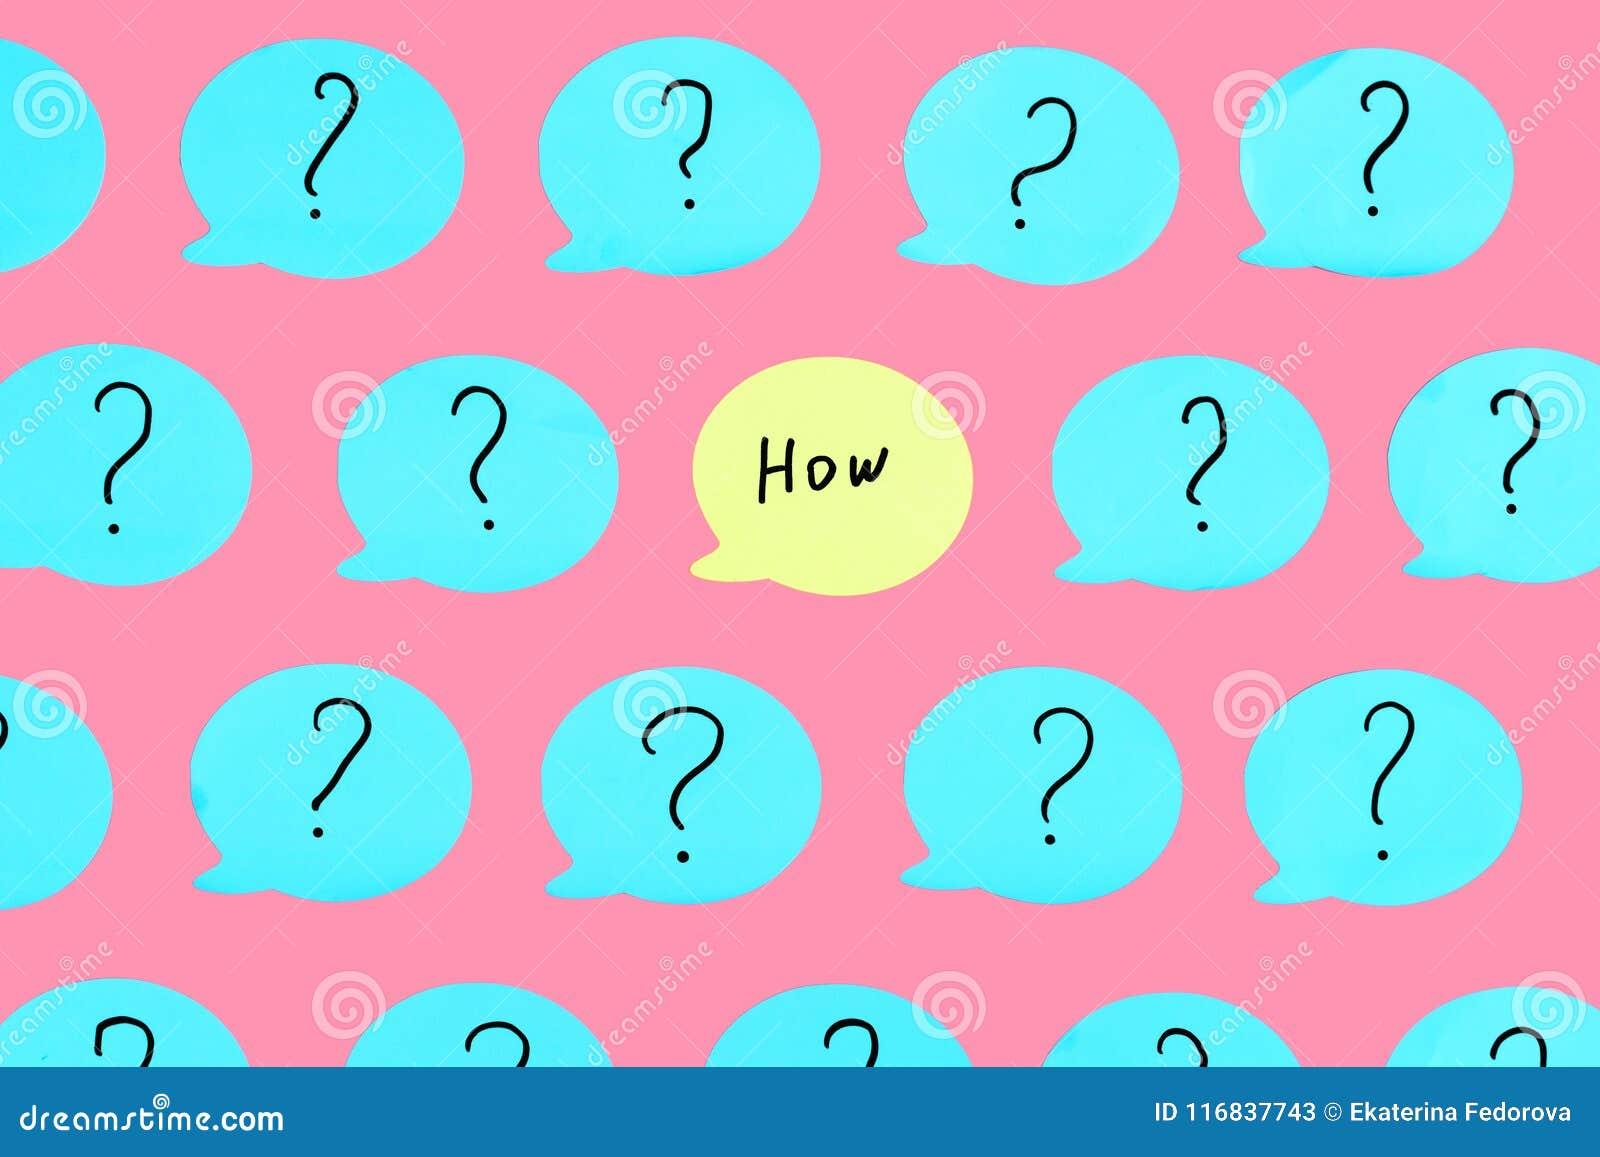 Gele die sticker met de vraag op het wordt geschreven HOE Rond hen zijn blauwe stickers met vraagtekens Mooie helder